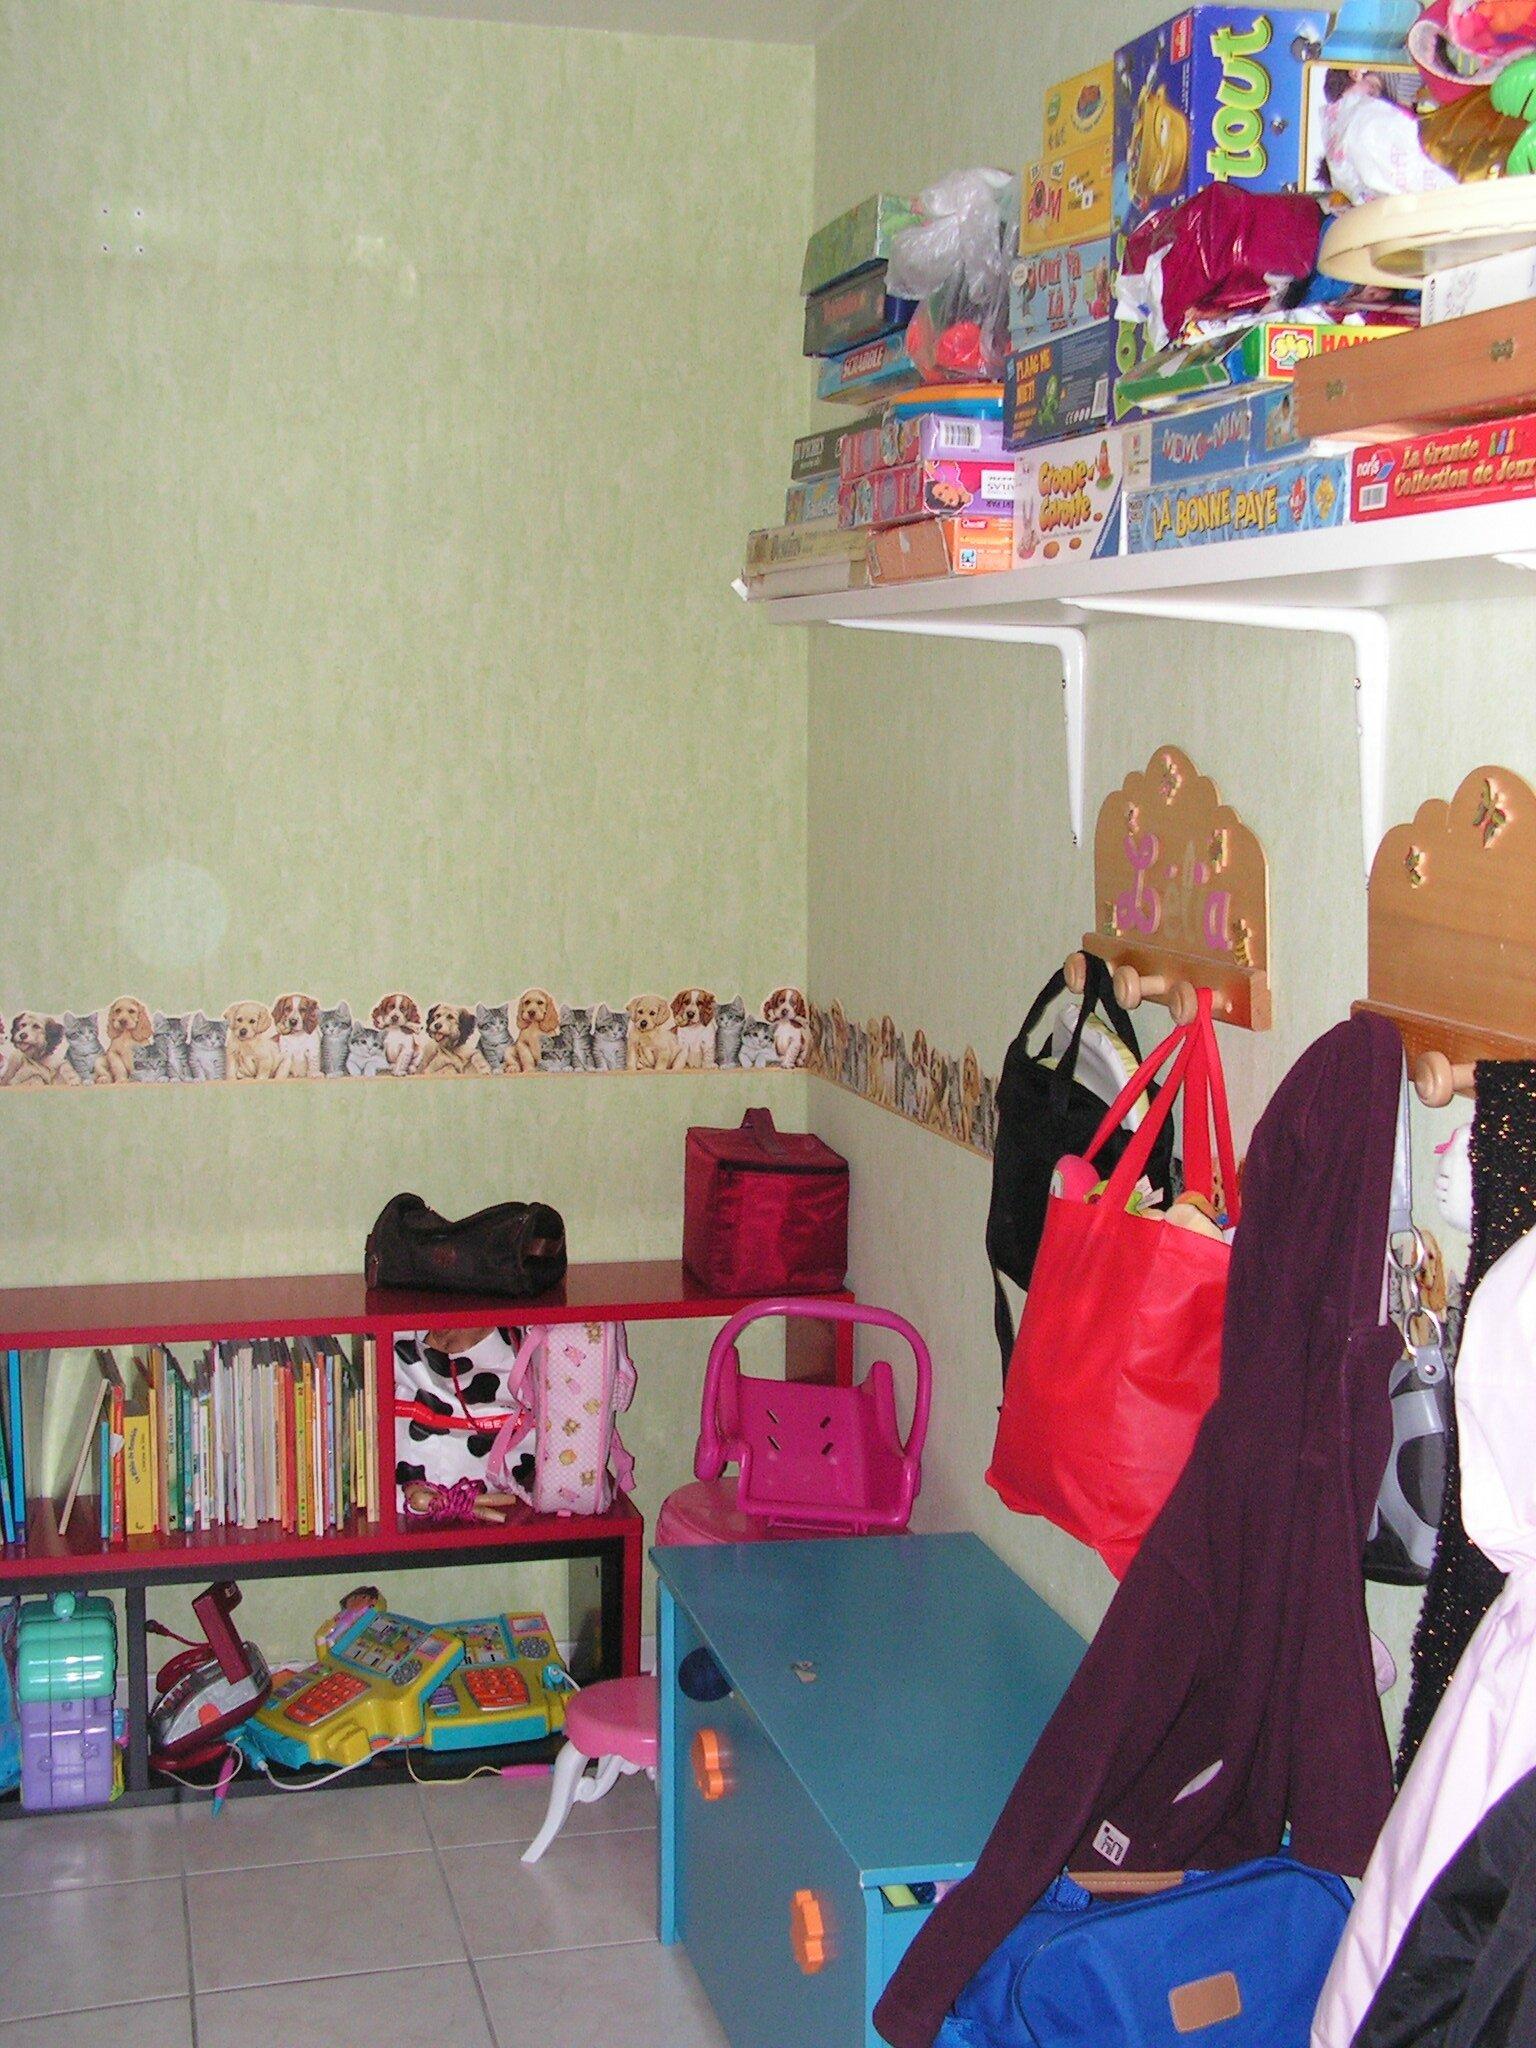 la salle de jeux une journ e chez la nounou. Black Bedroom Furniture Sets. Home Design Ideas